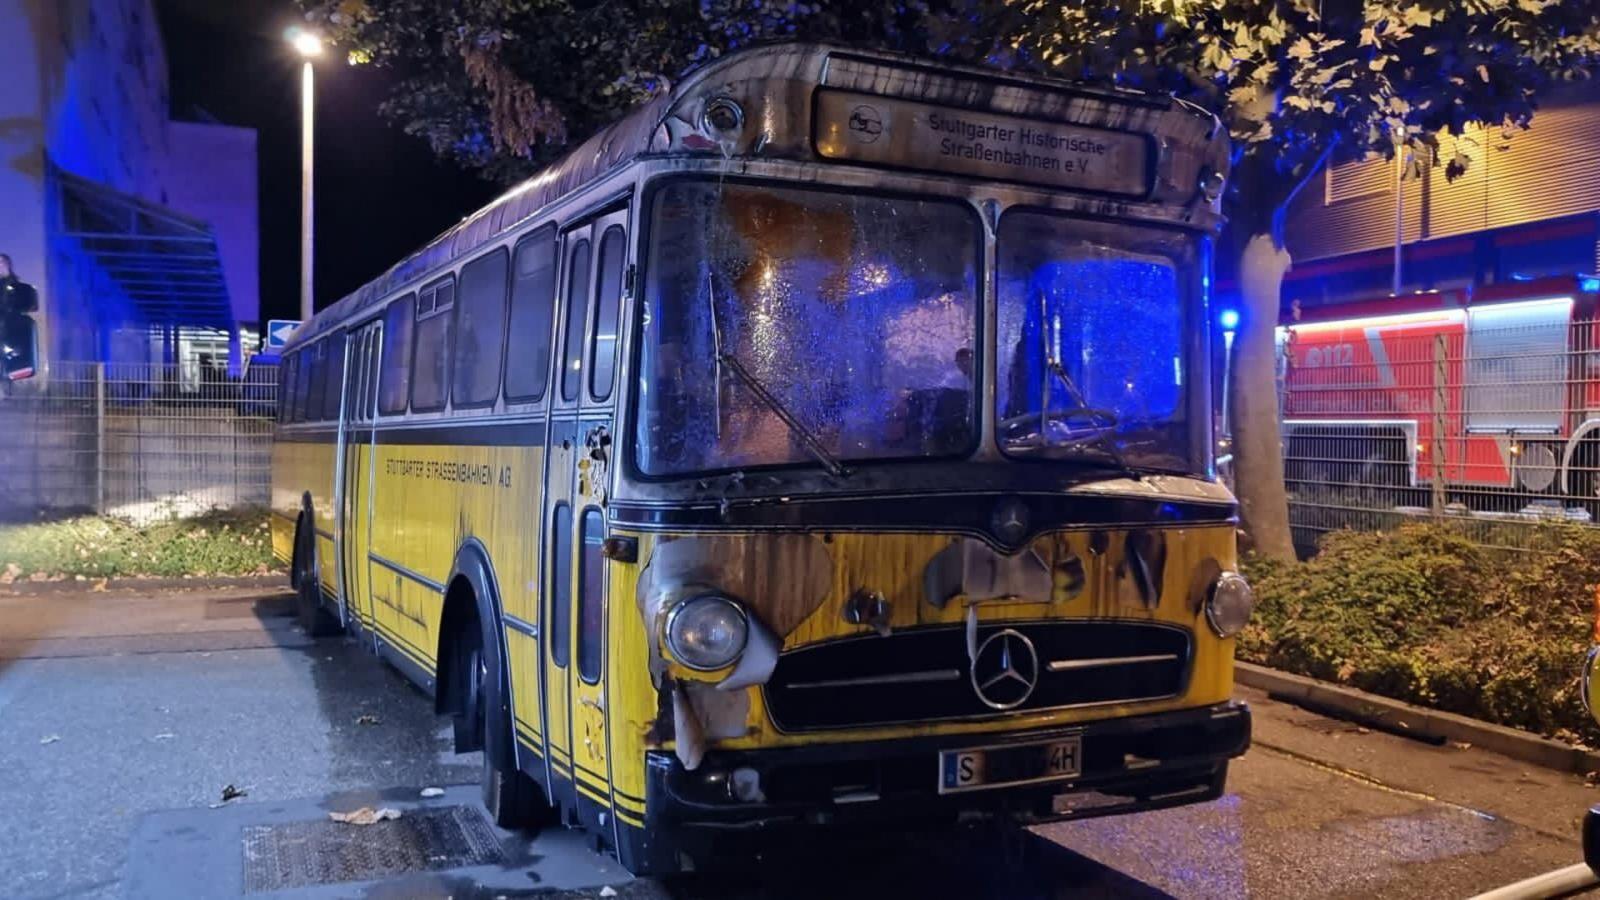 Γερμανία: Πυρκαγιά σε μουσείο με σπάνια λεωφορεία